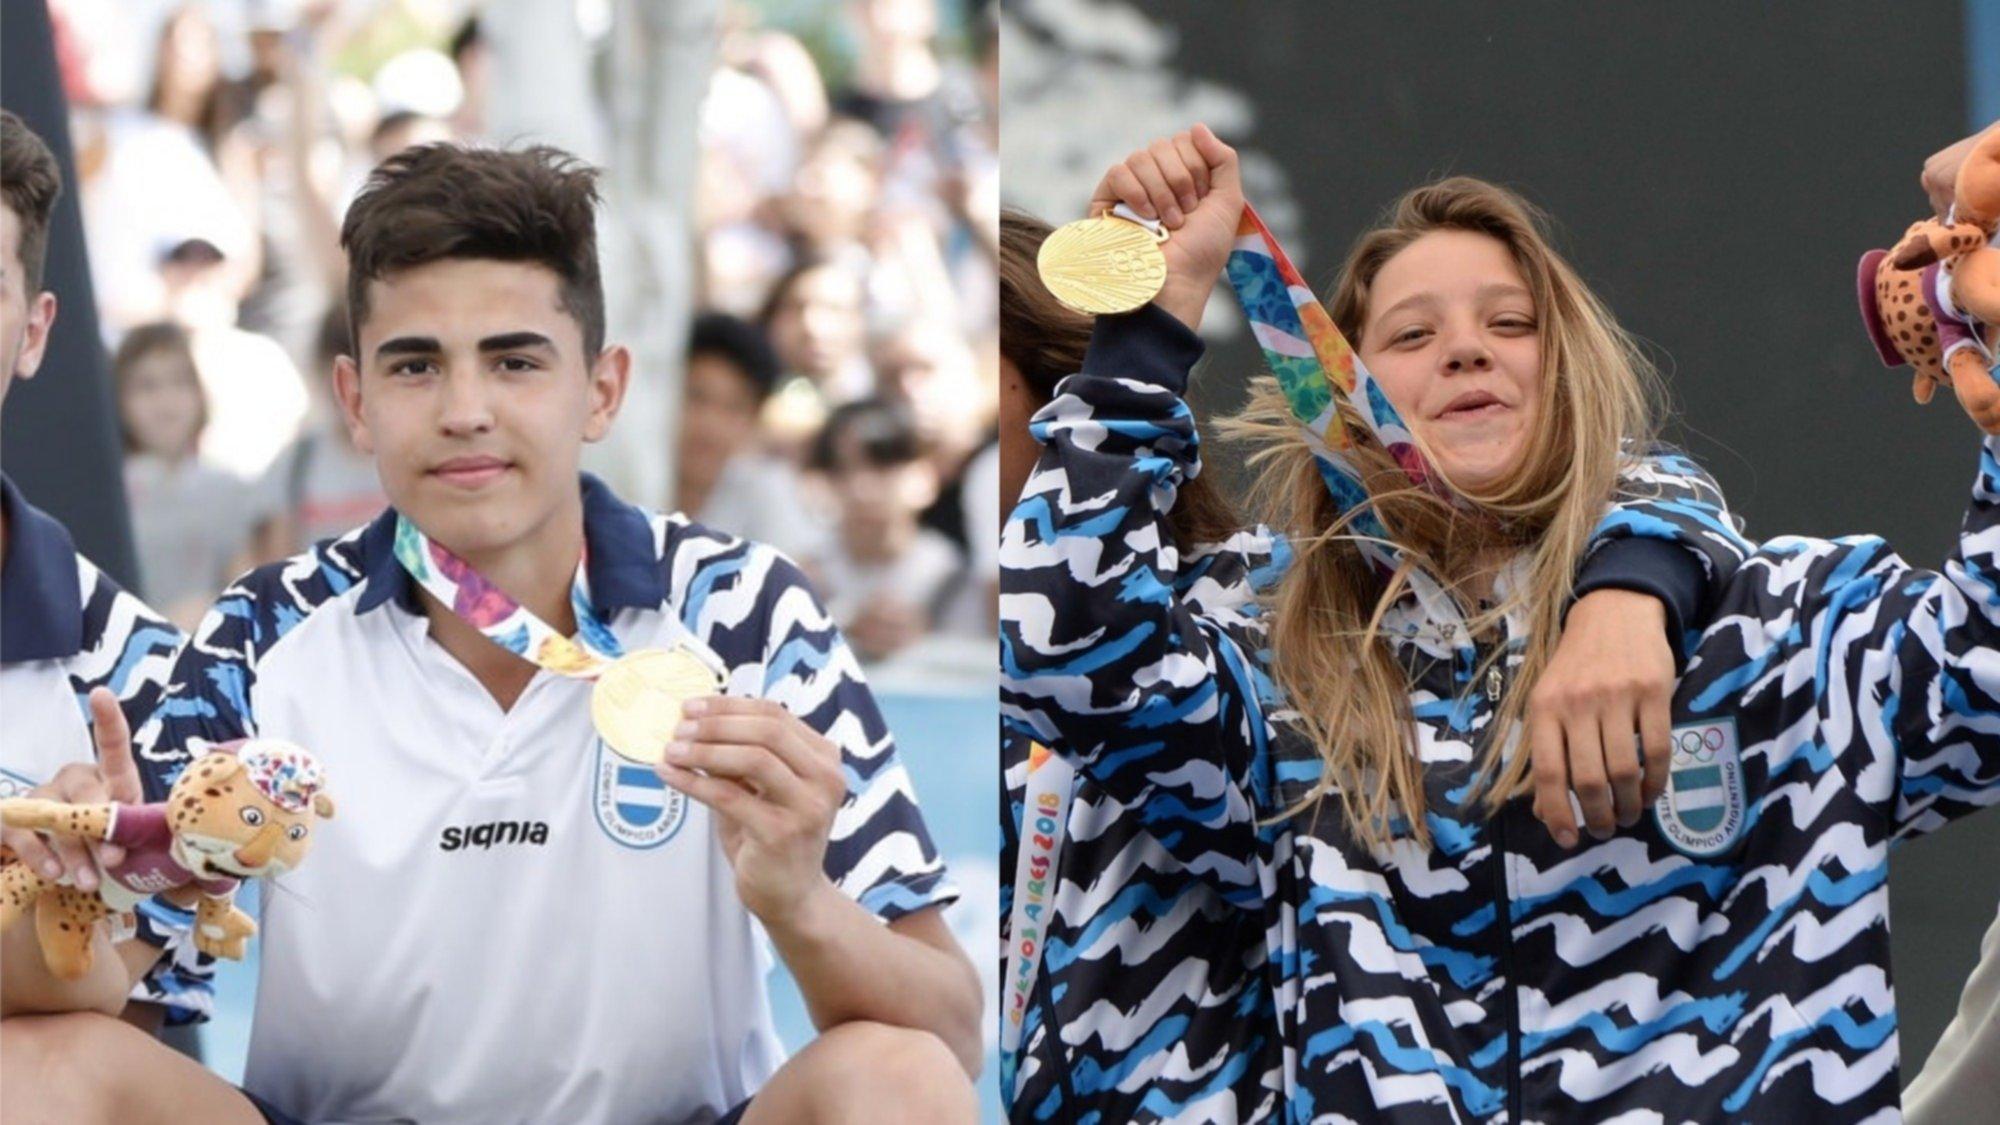 Juegos Olimpicos De La Juventud Argentina Termino Con 32 Medallas